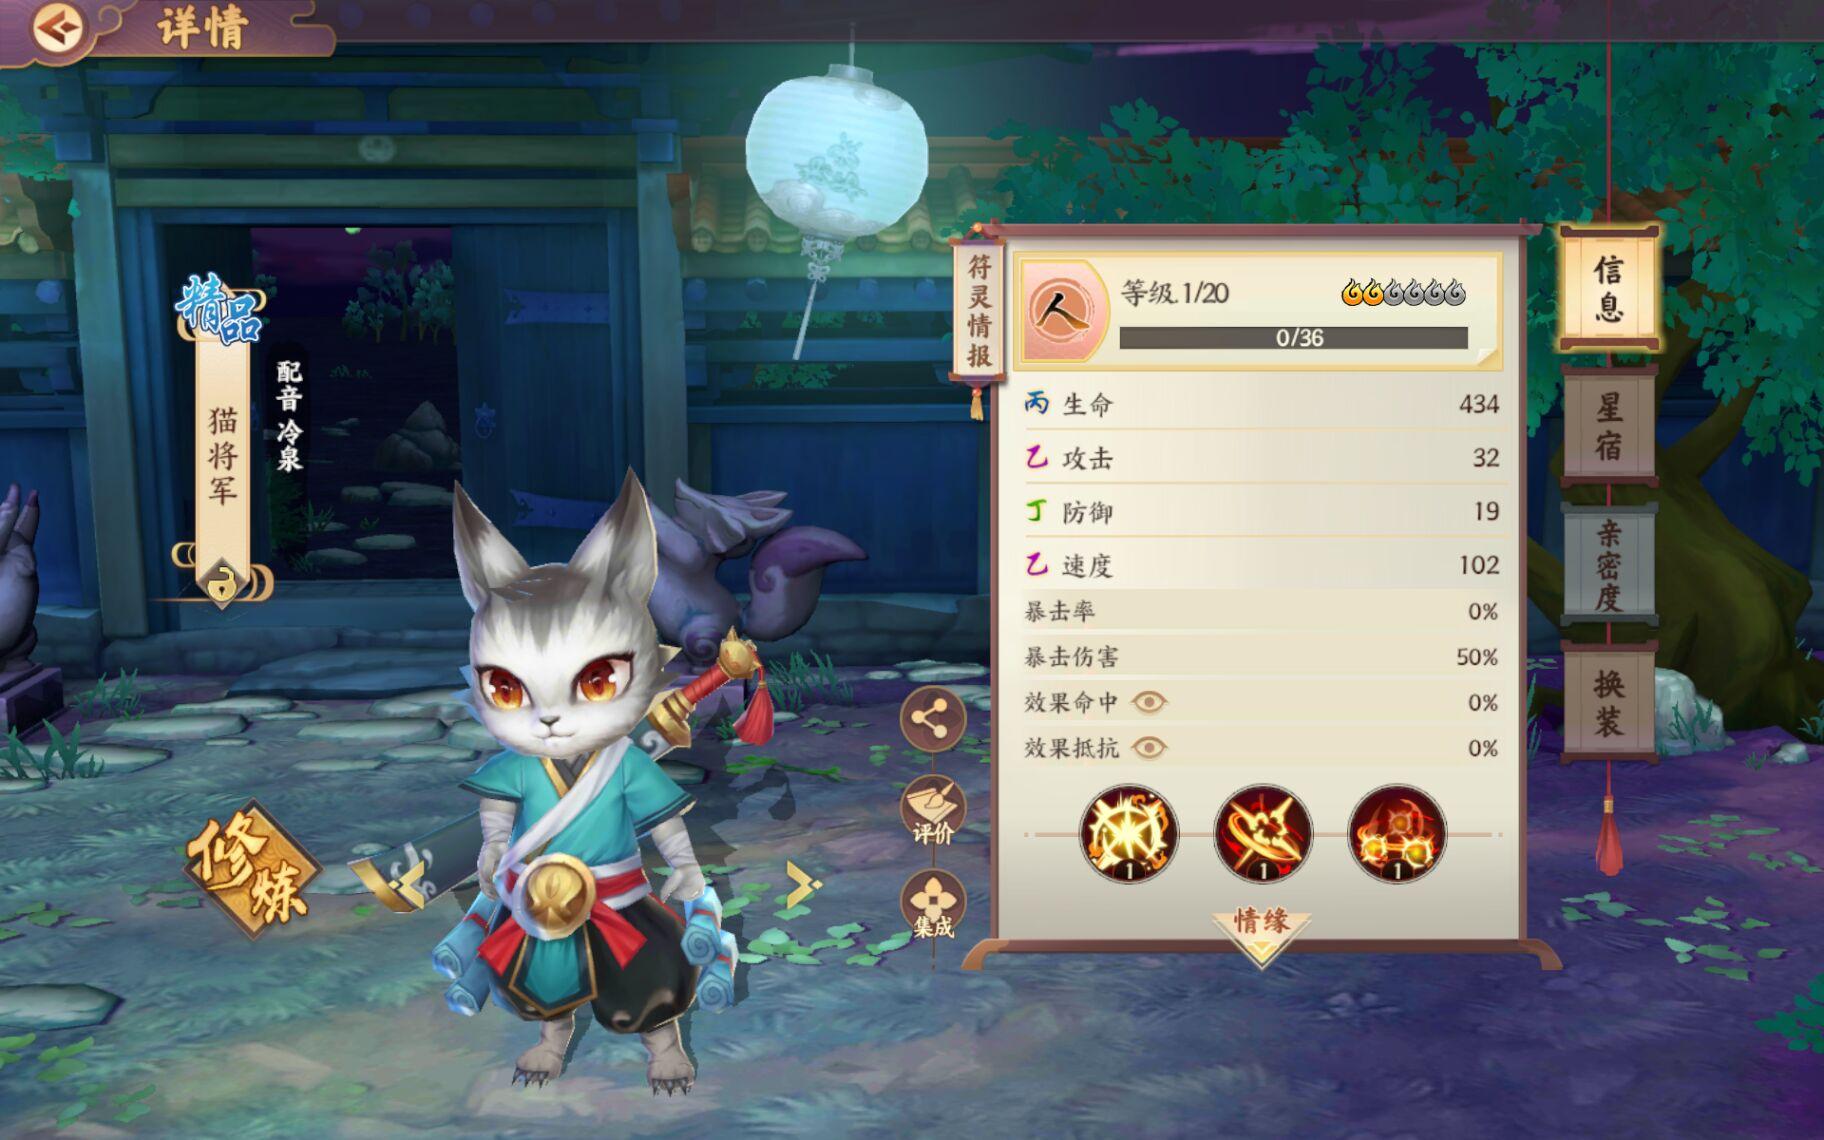 《云梦四时歌》猫将军符灵图鉴